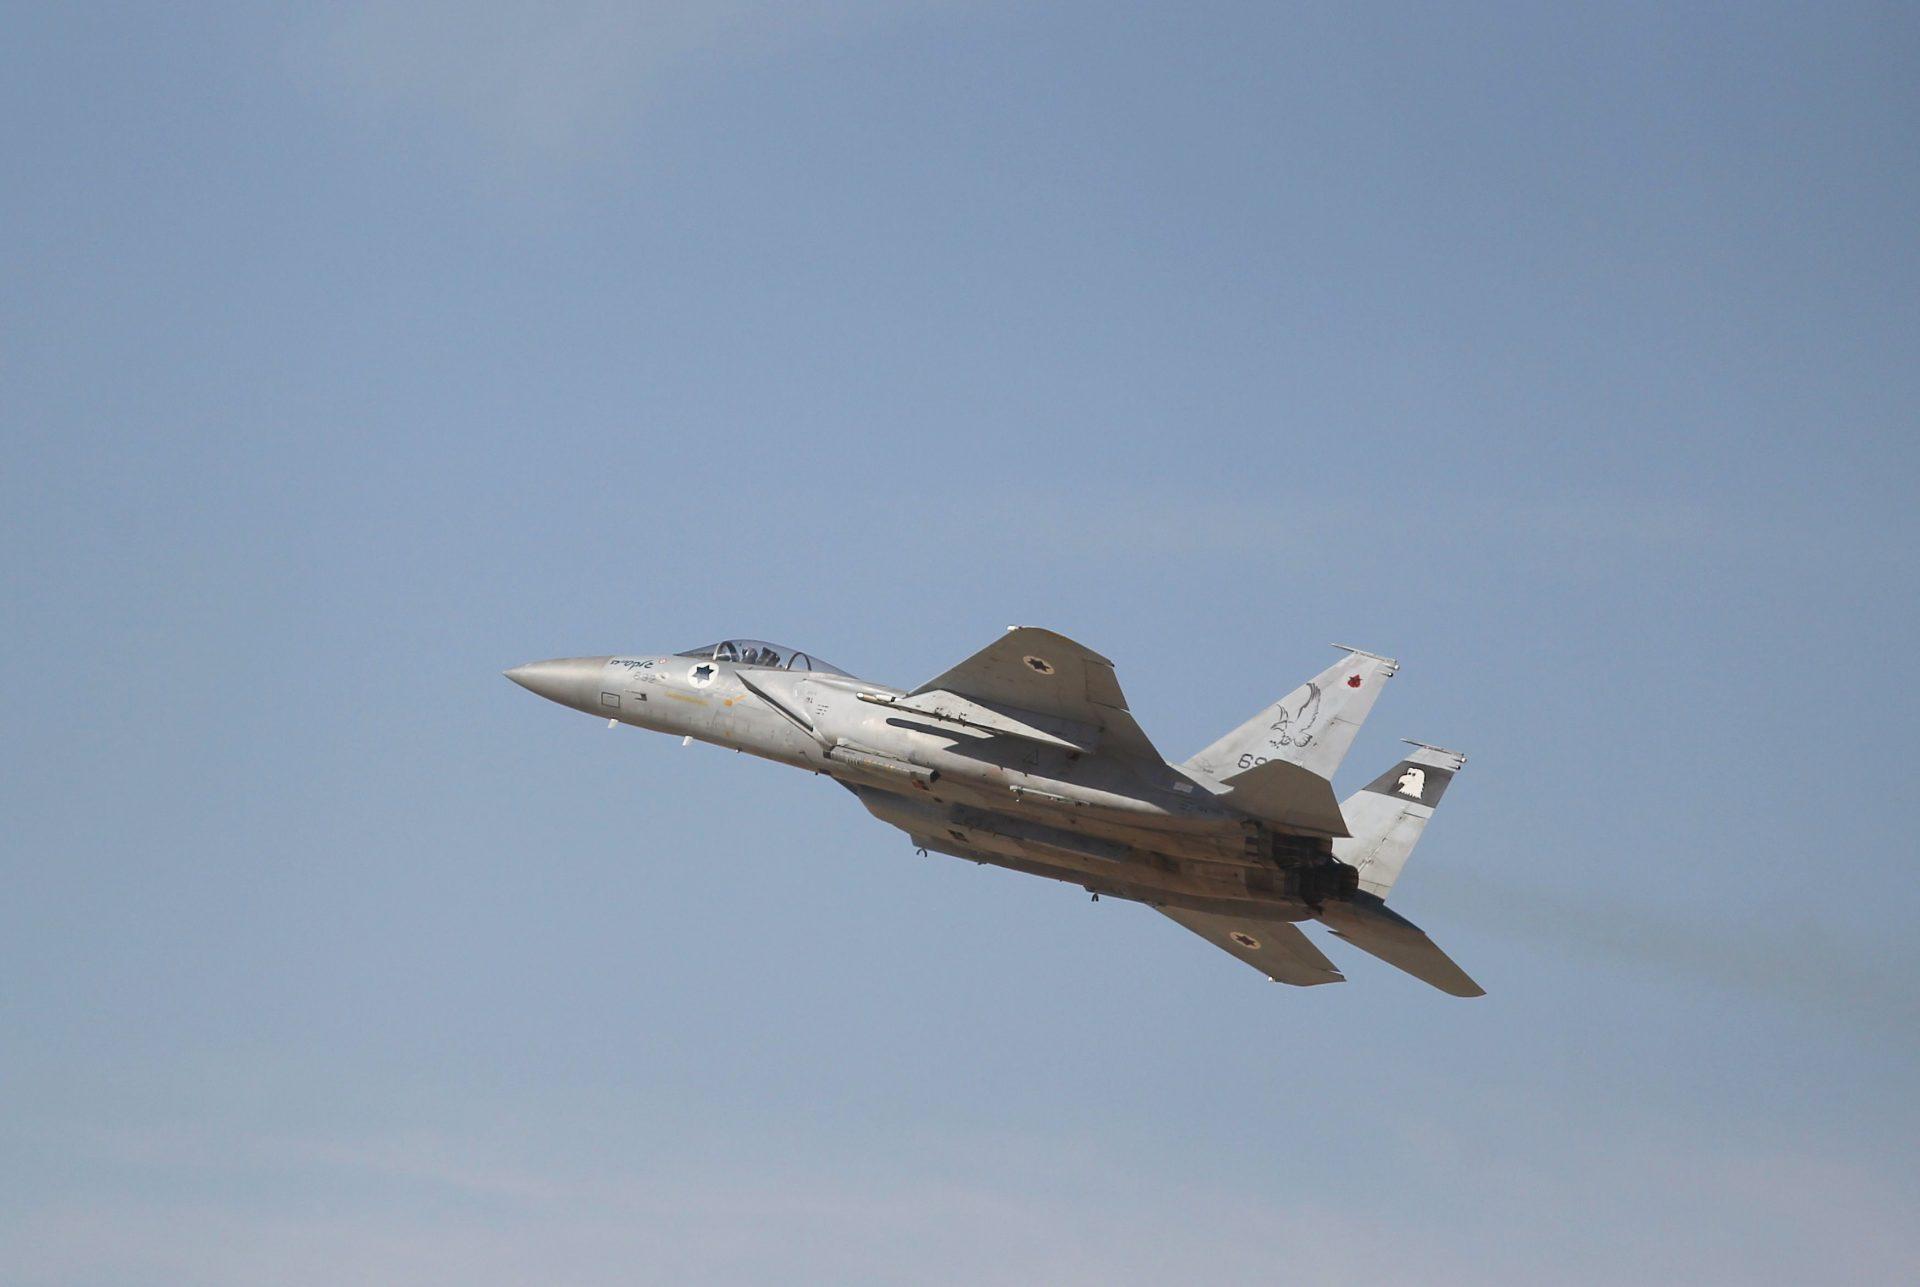 """מטוס קרב של צה""""ל במהלך תרגיל של חיל האוויר בעובדה (צילום: אילן אסייג)"""